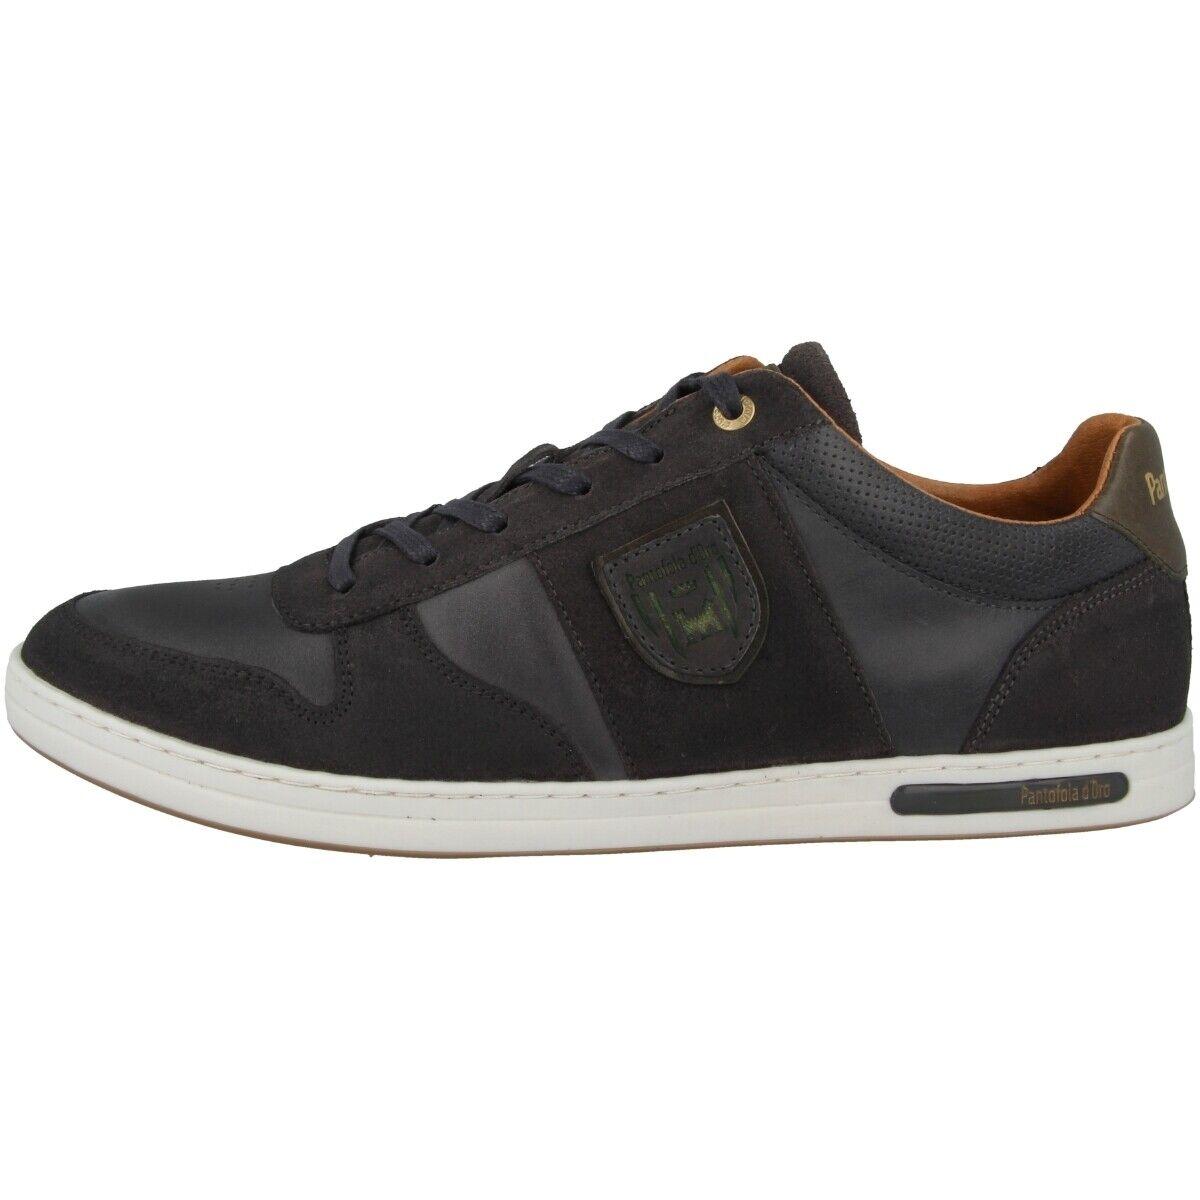 ADIDAS Sneaker Gr. 21 Sportschuhe Leder Turnschuhe | eBay